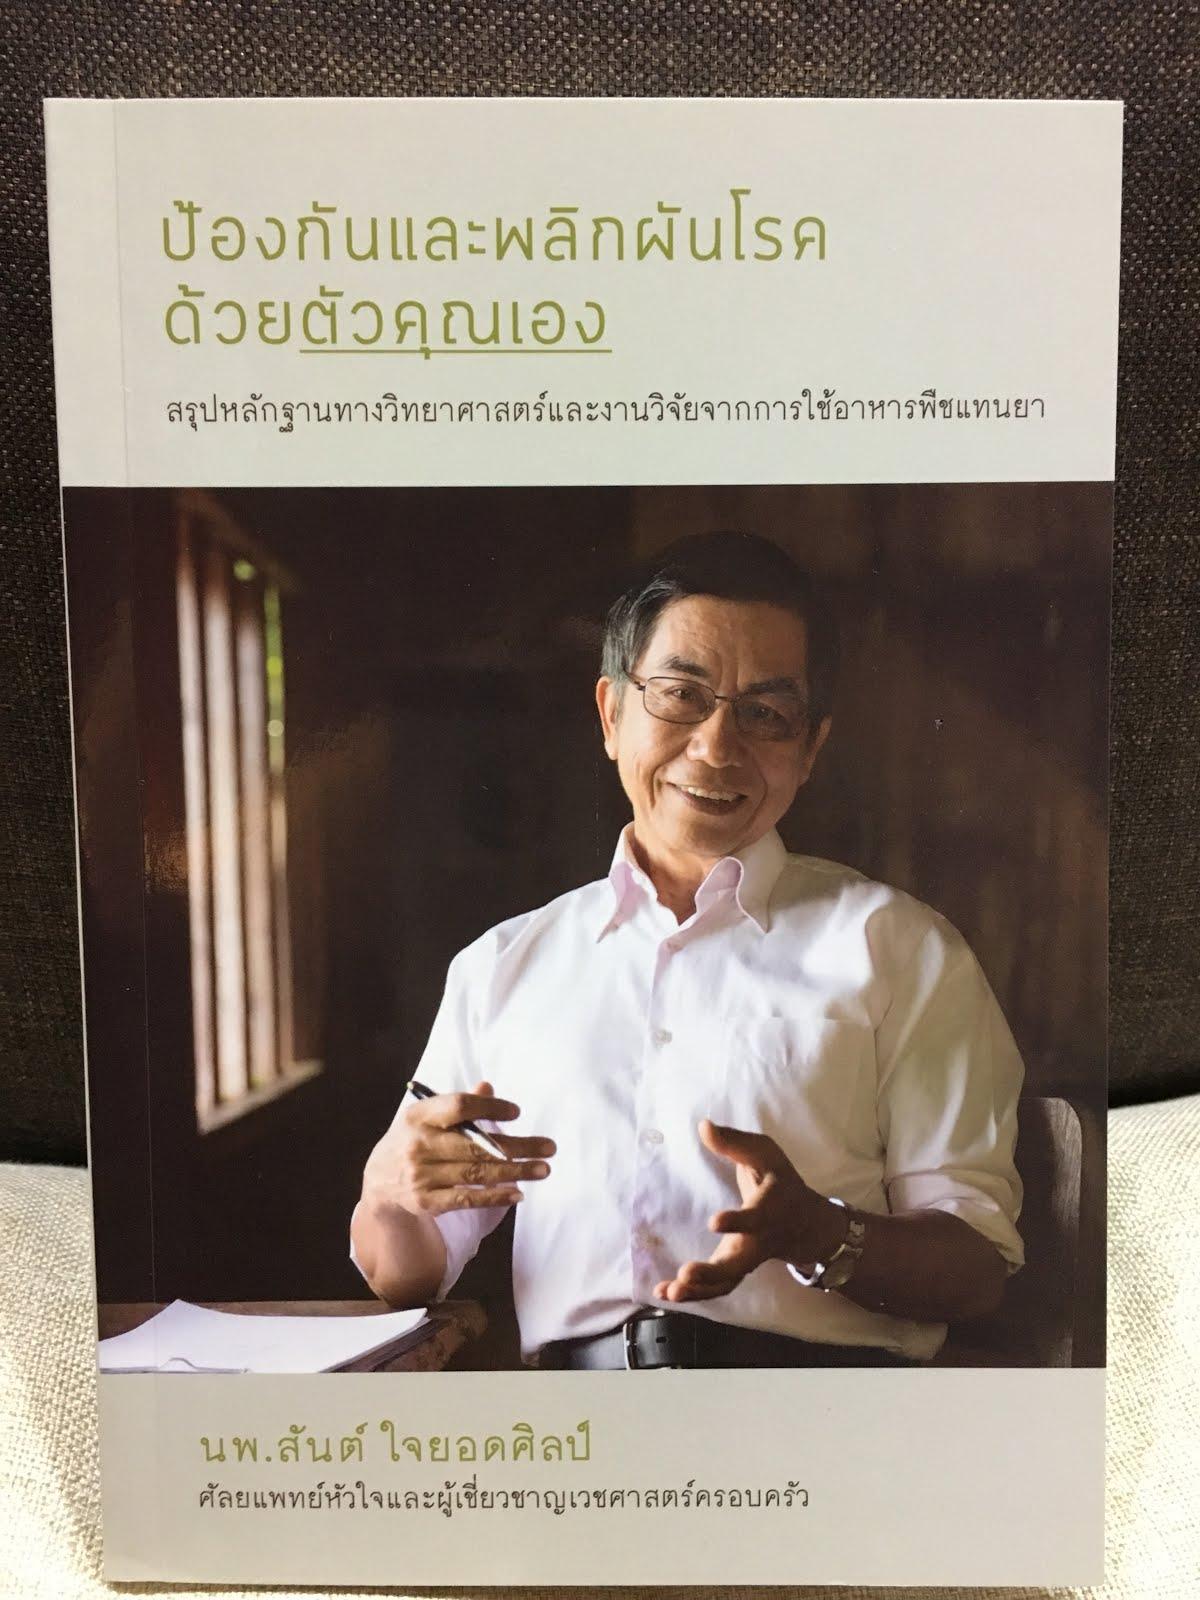 หนังสือเล่มใหม่ล่าสุดของหมอสันต์